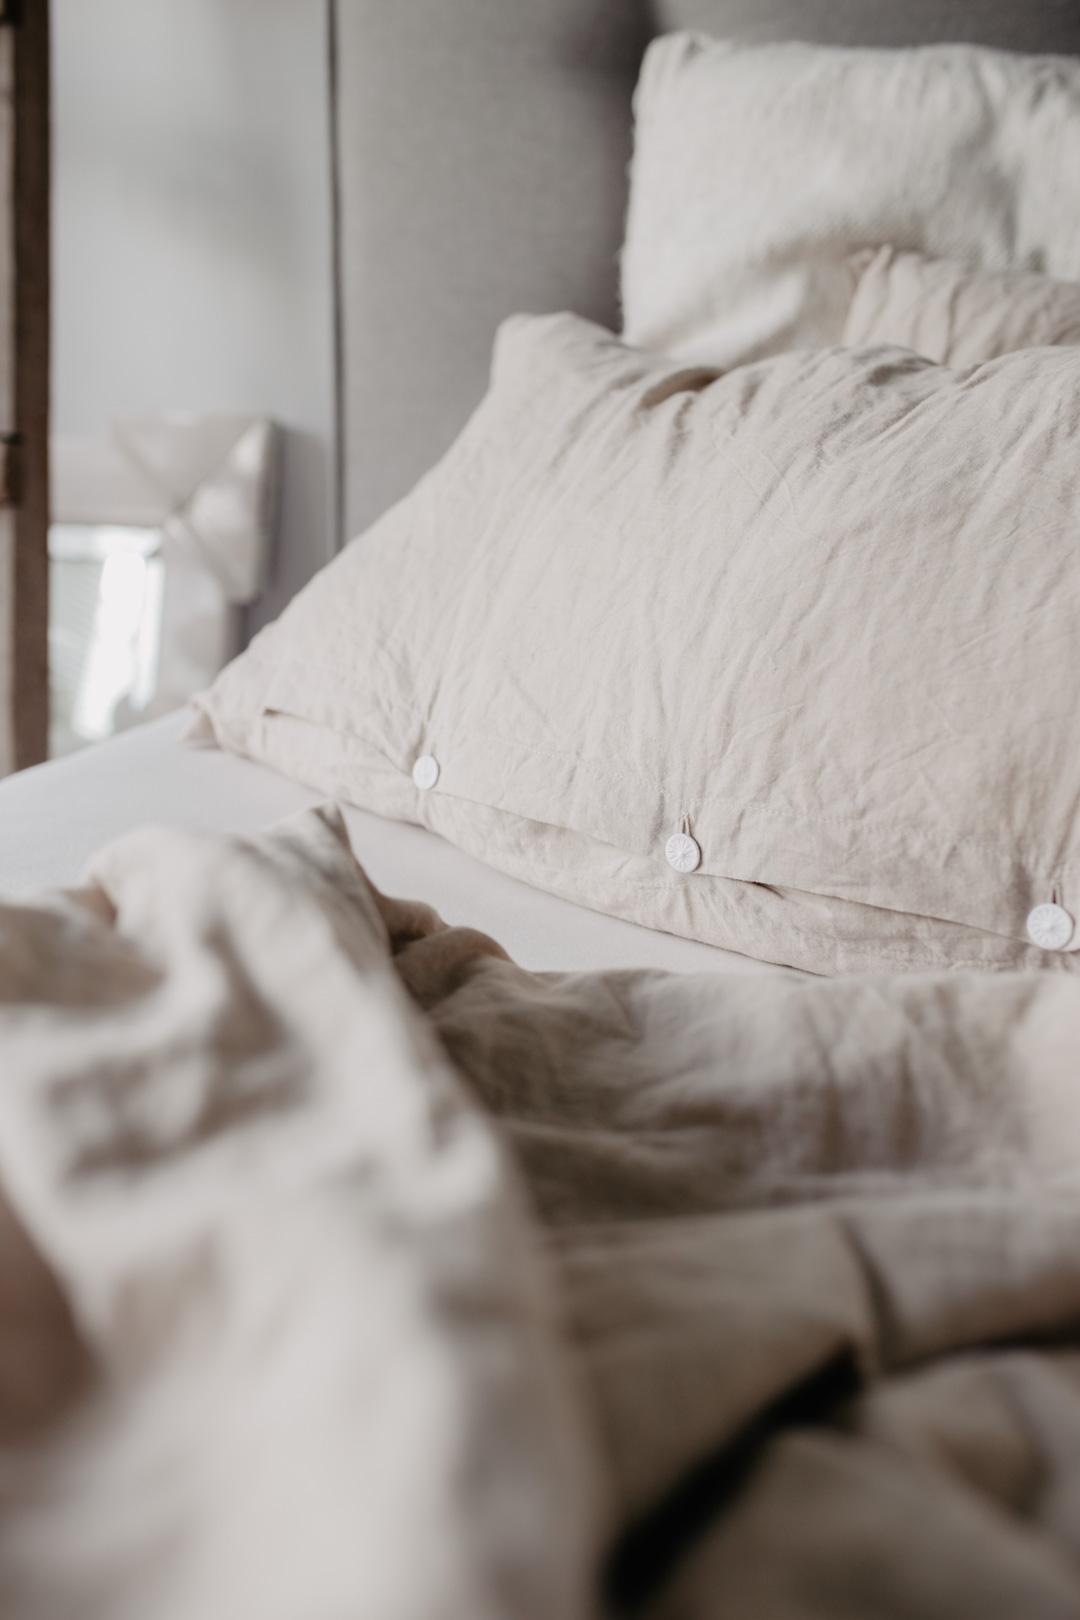 Bettwäsche von seit1832 - Pieces of Mariposa // Fashion & Lifestyle Blogger aus Nürnberg